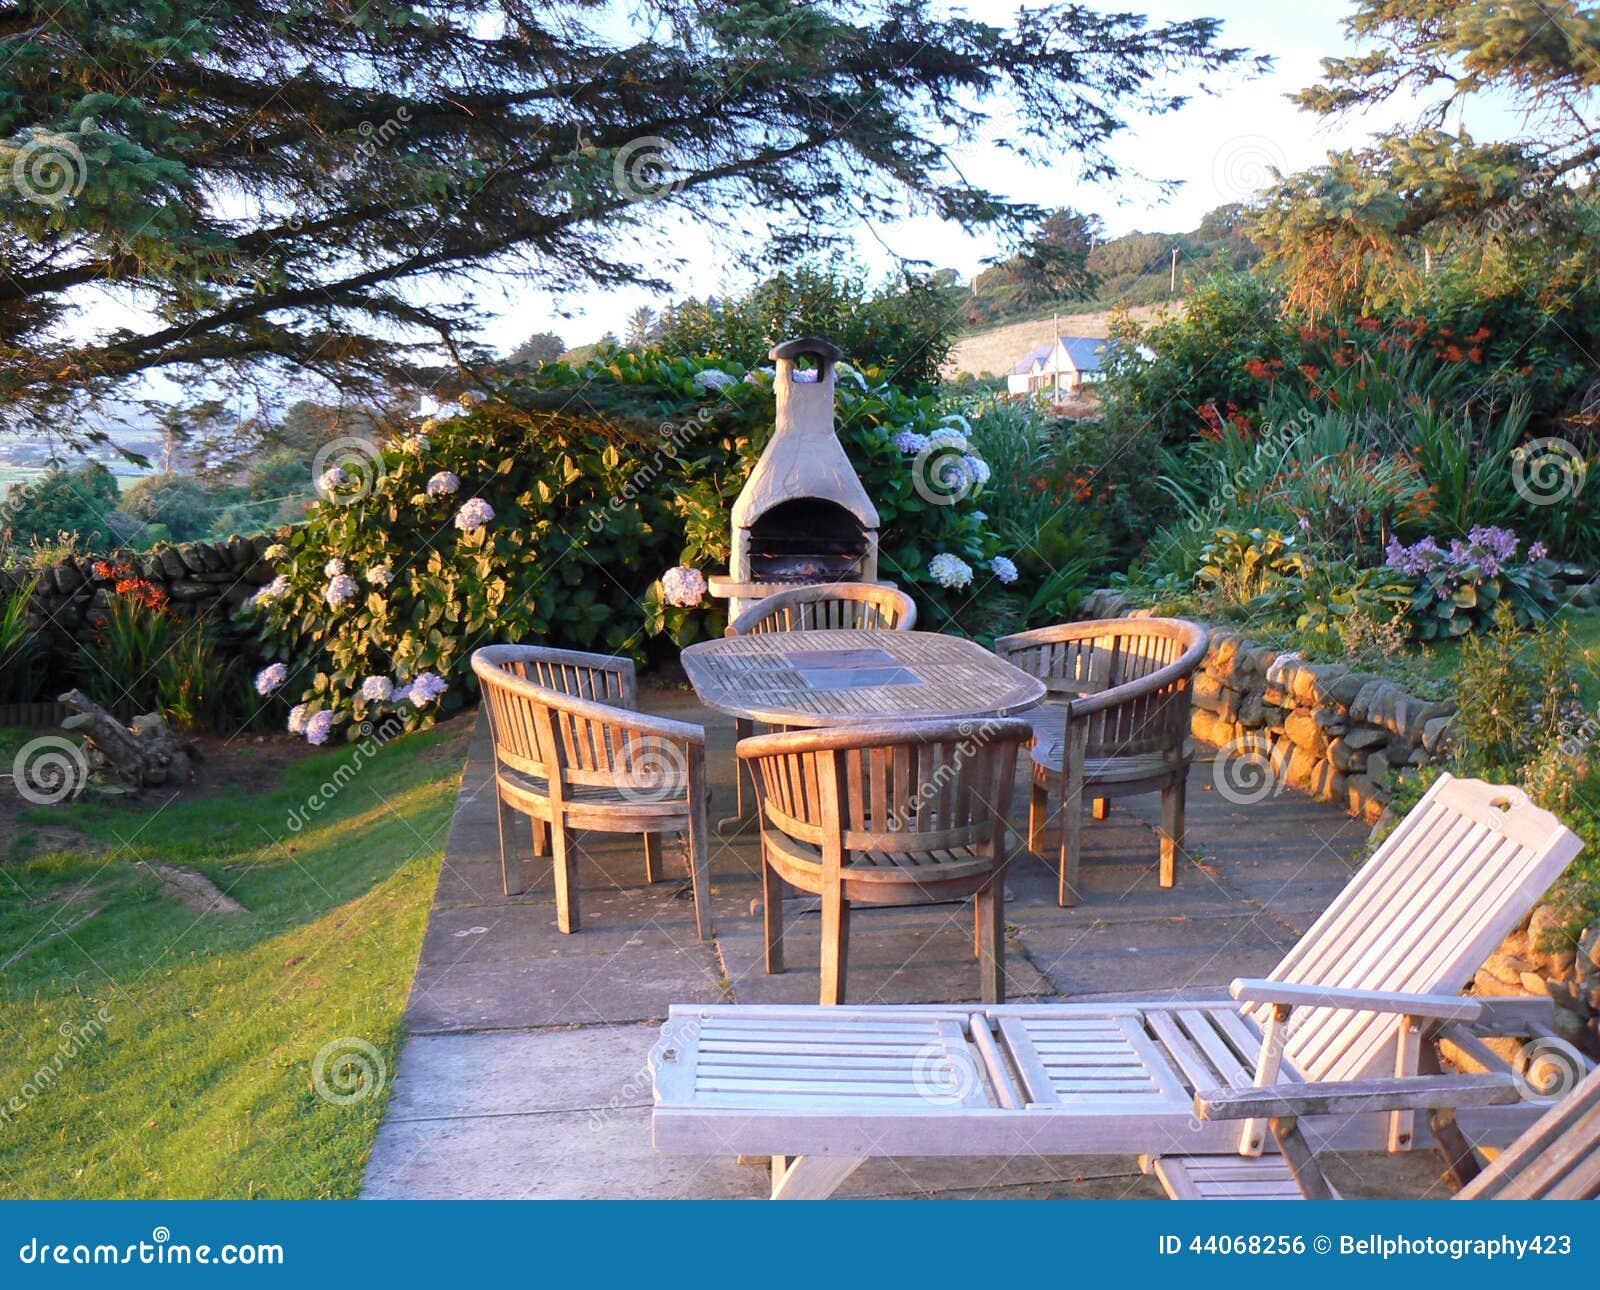 English Garden With Luxury Wooden Garden Furniture Stock